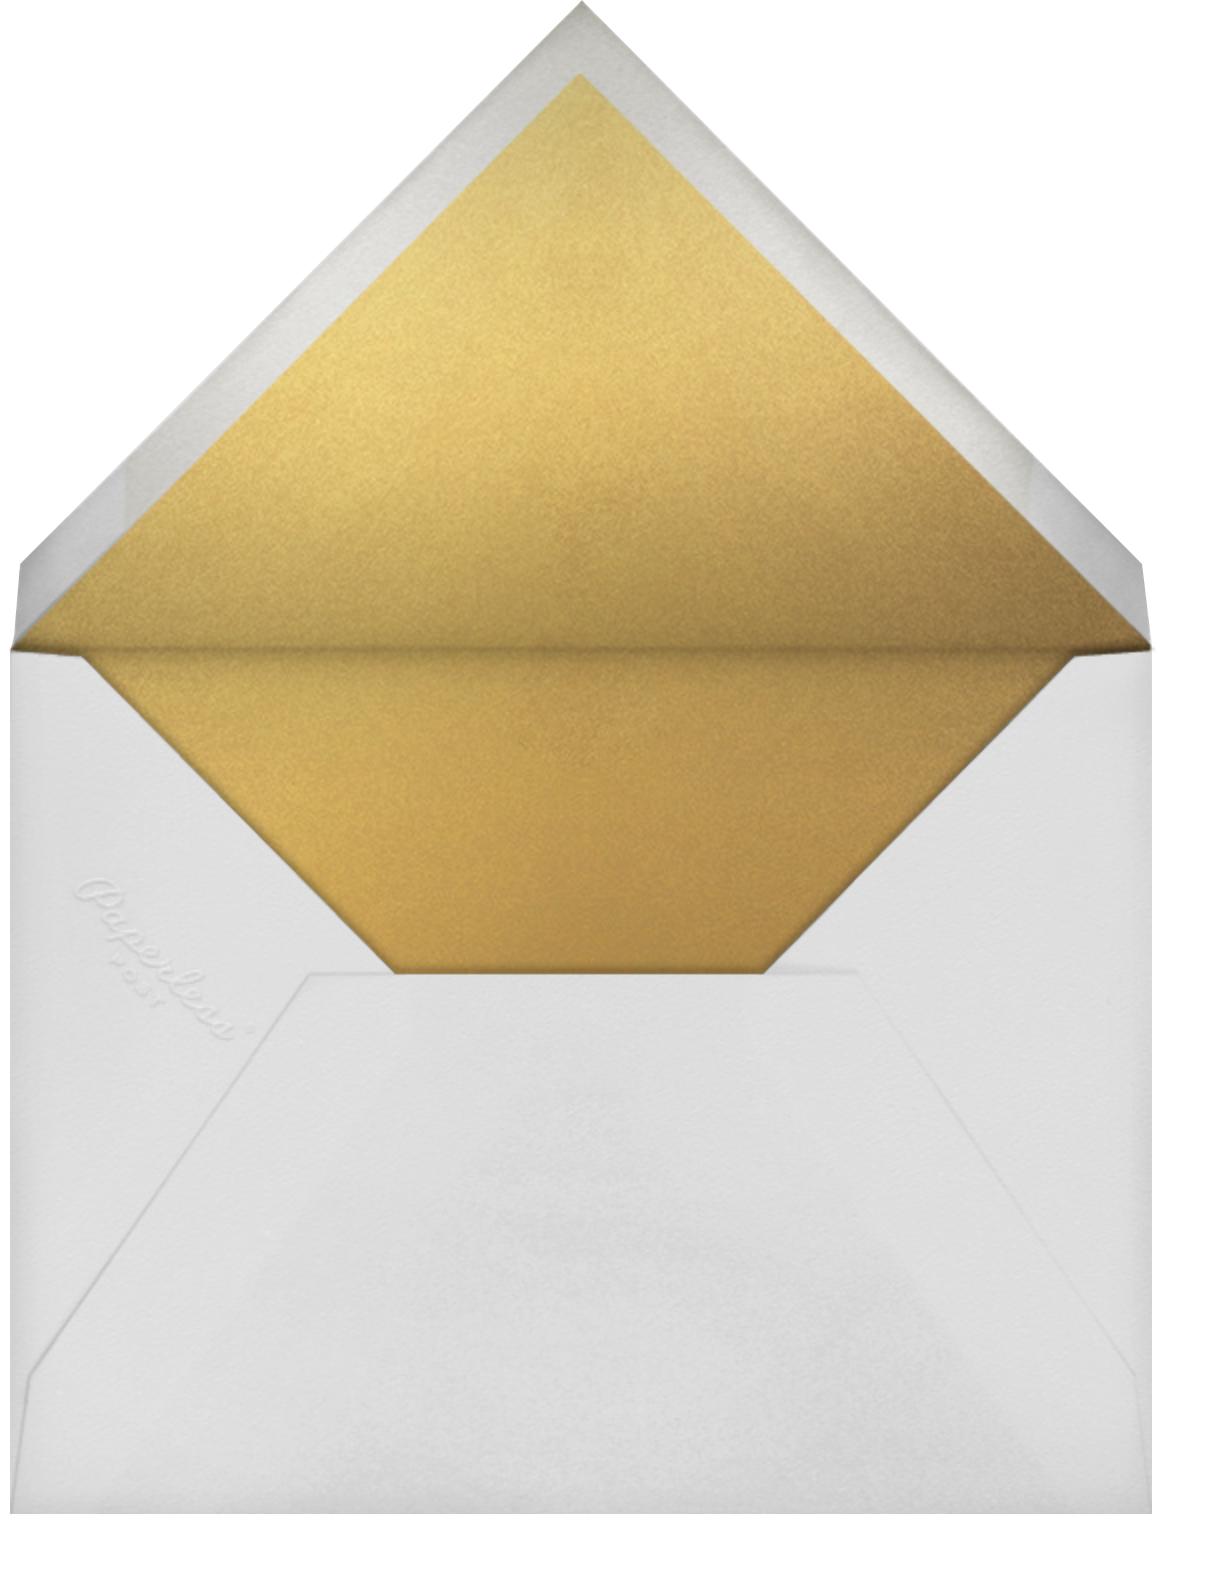 Grenadine - White - Oscar de la Renta - Corporate invitations - envelope back